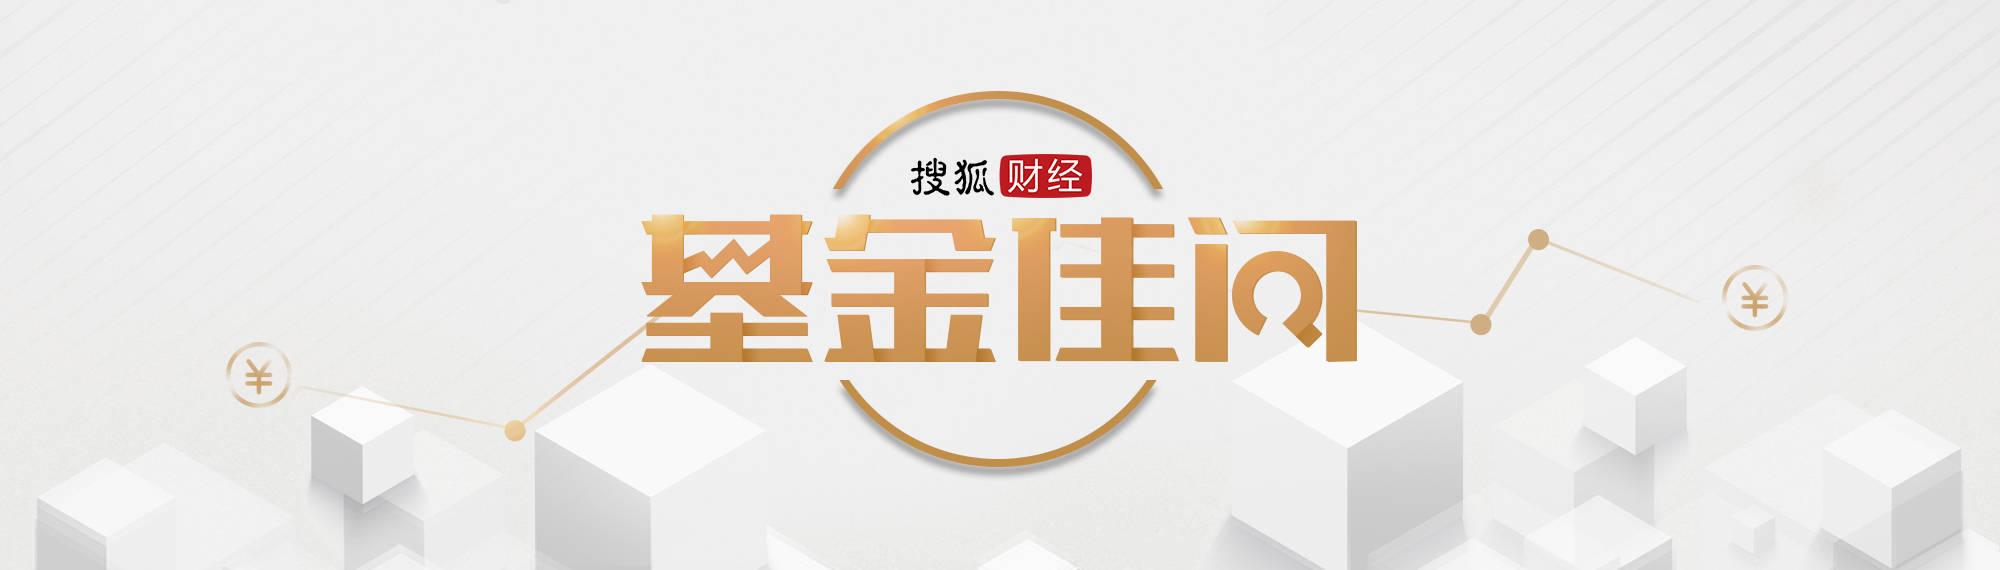 国泰基金徐成城:一线城市房价可能下降,二三线城市房价或上涨|基金佳问38期